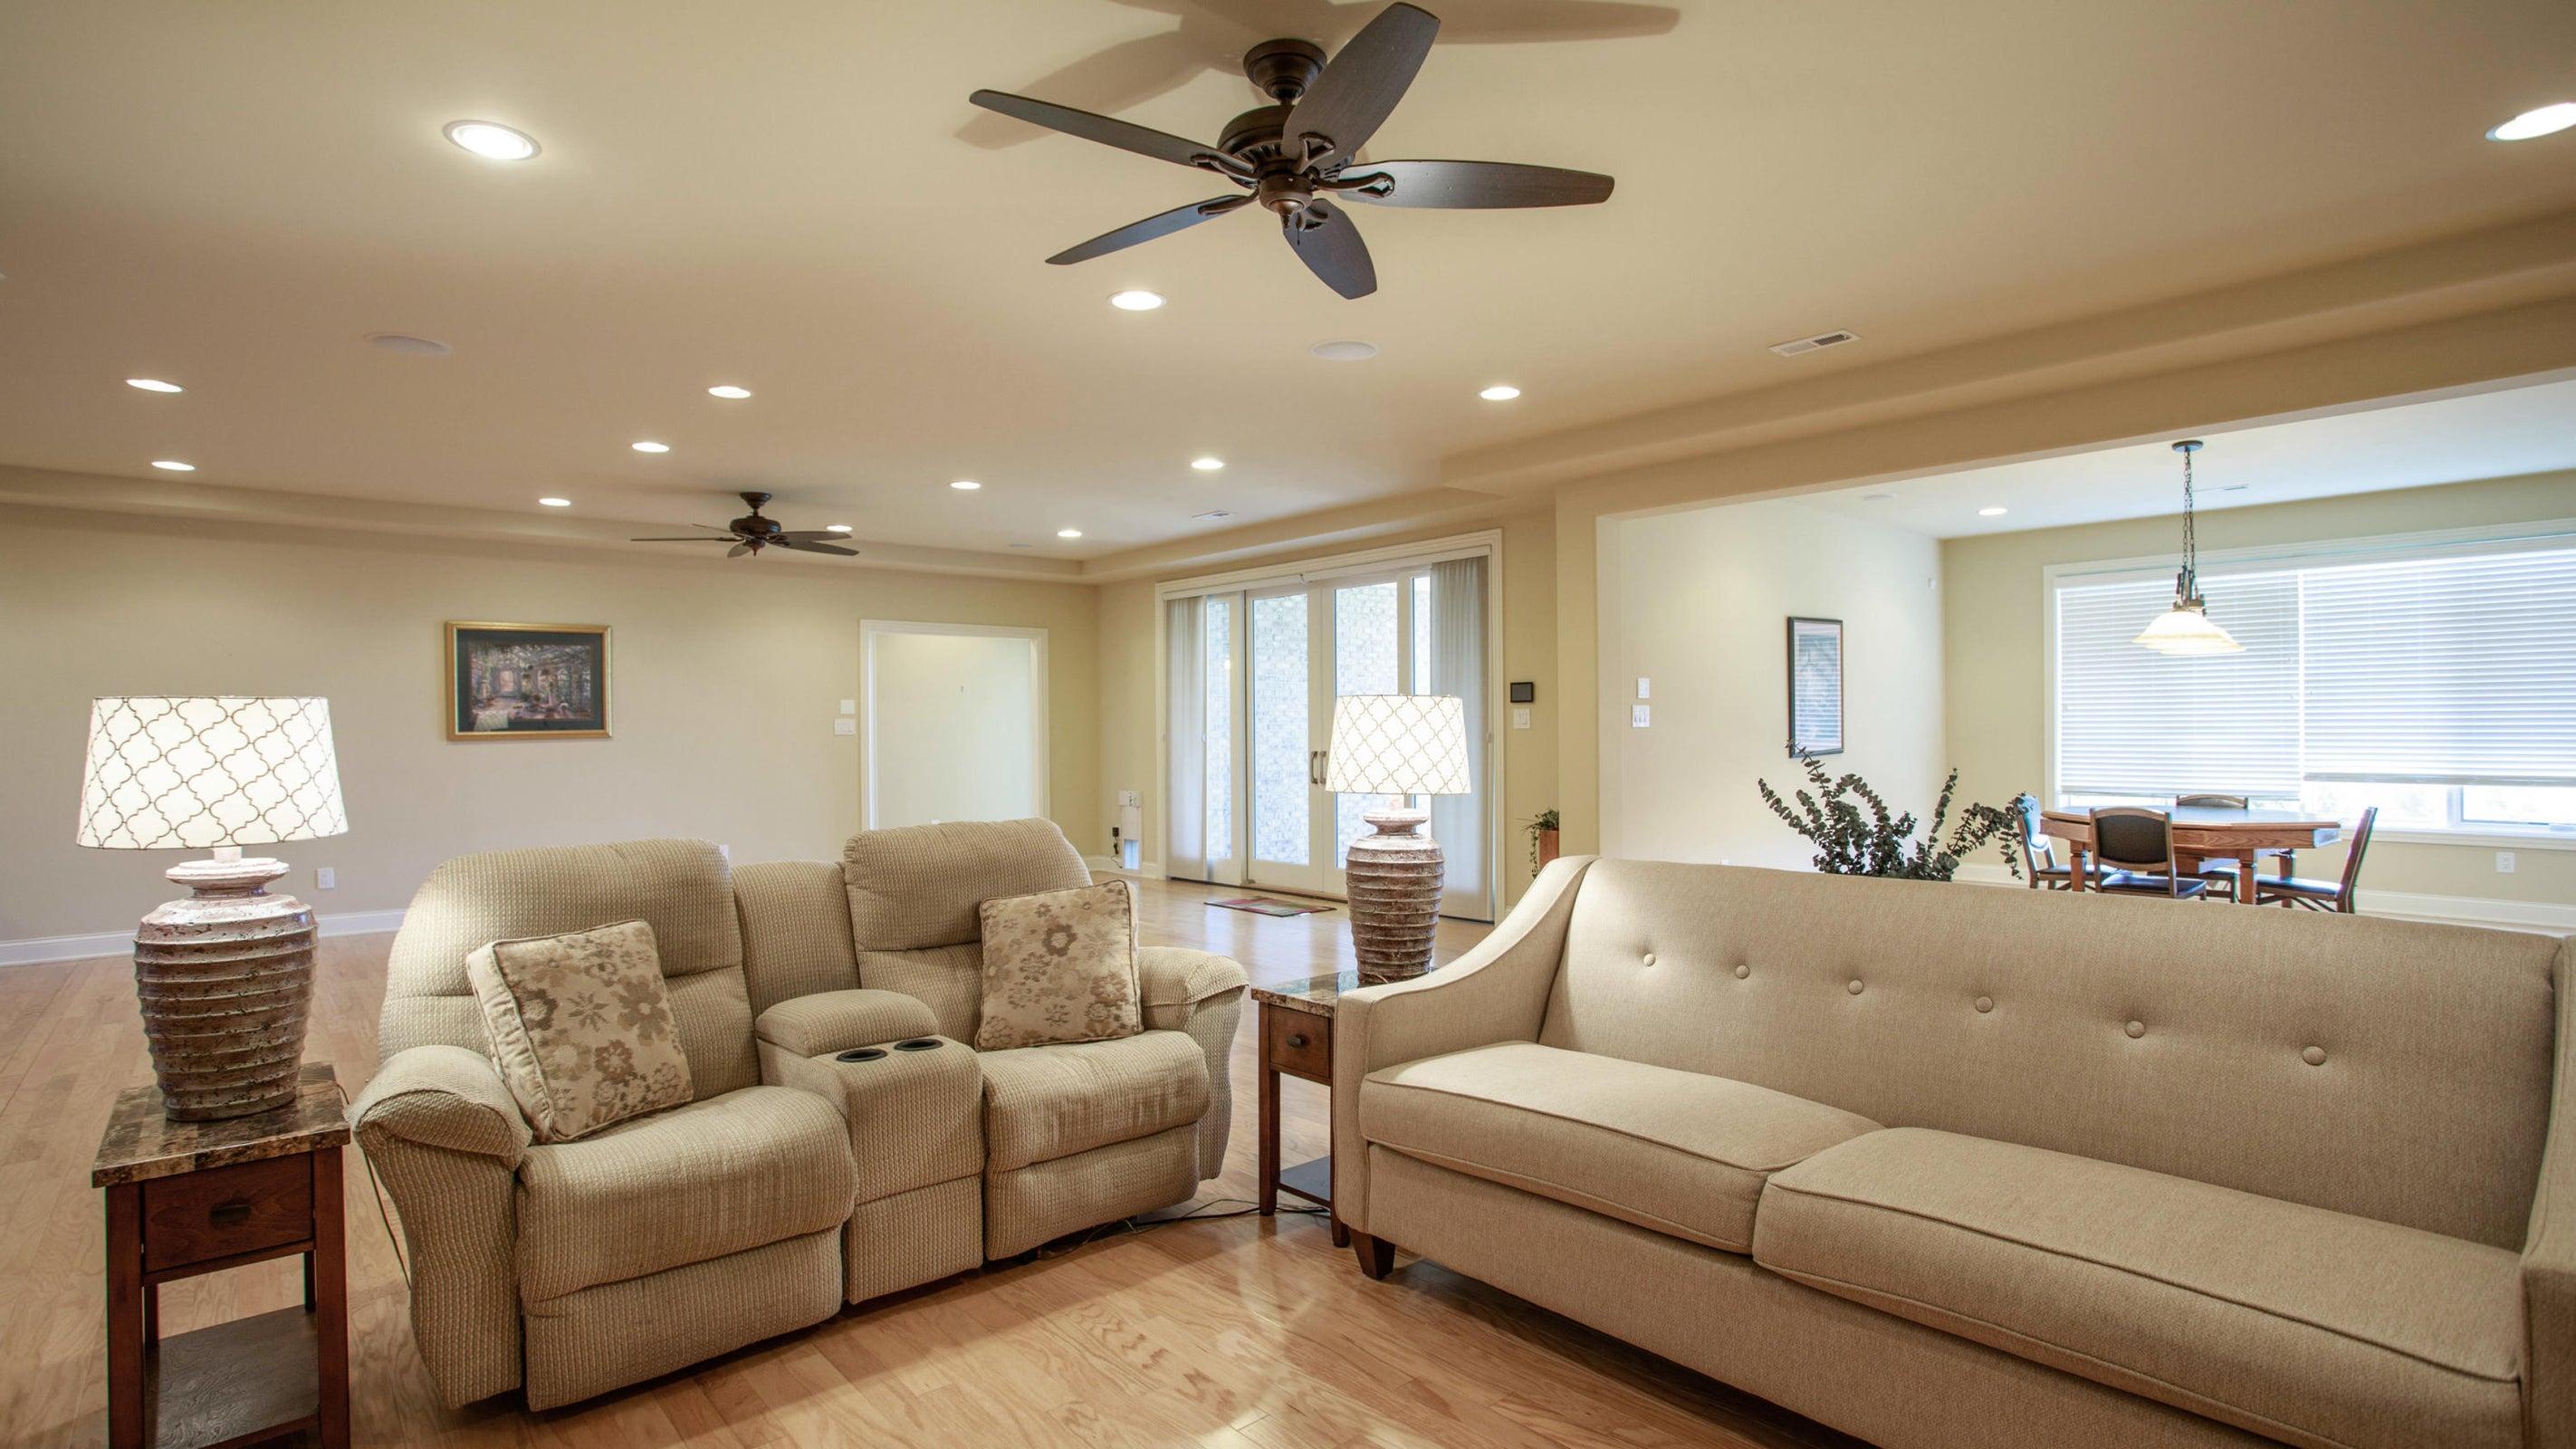 Recessed lights, hardwood floors